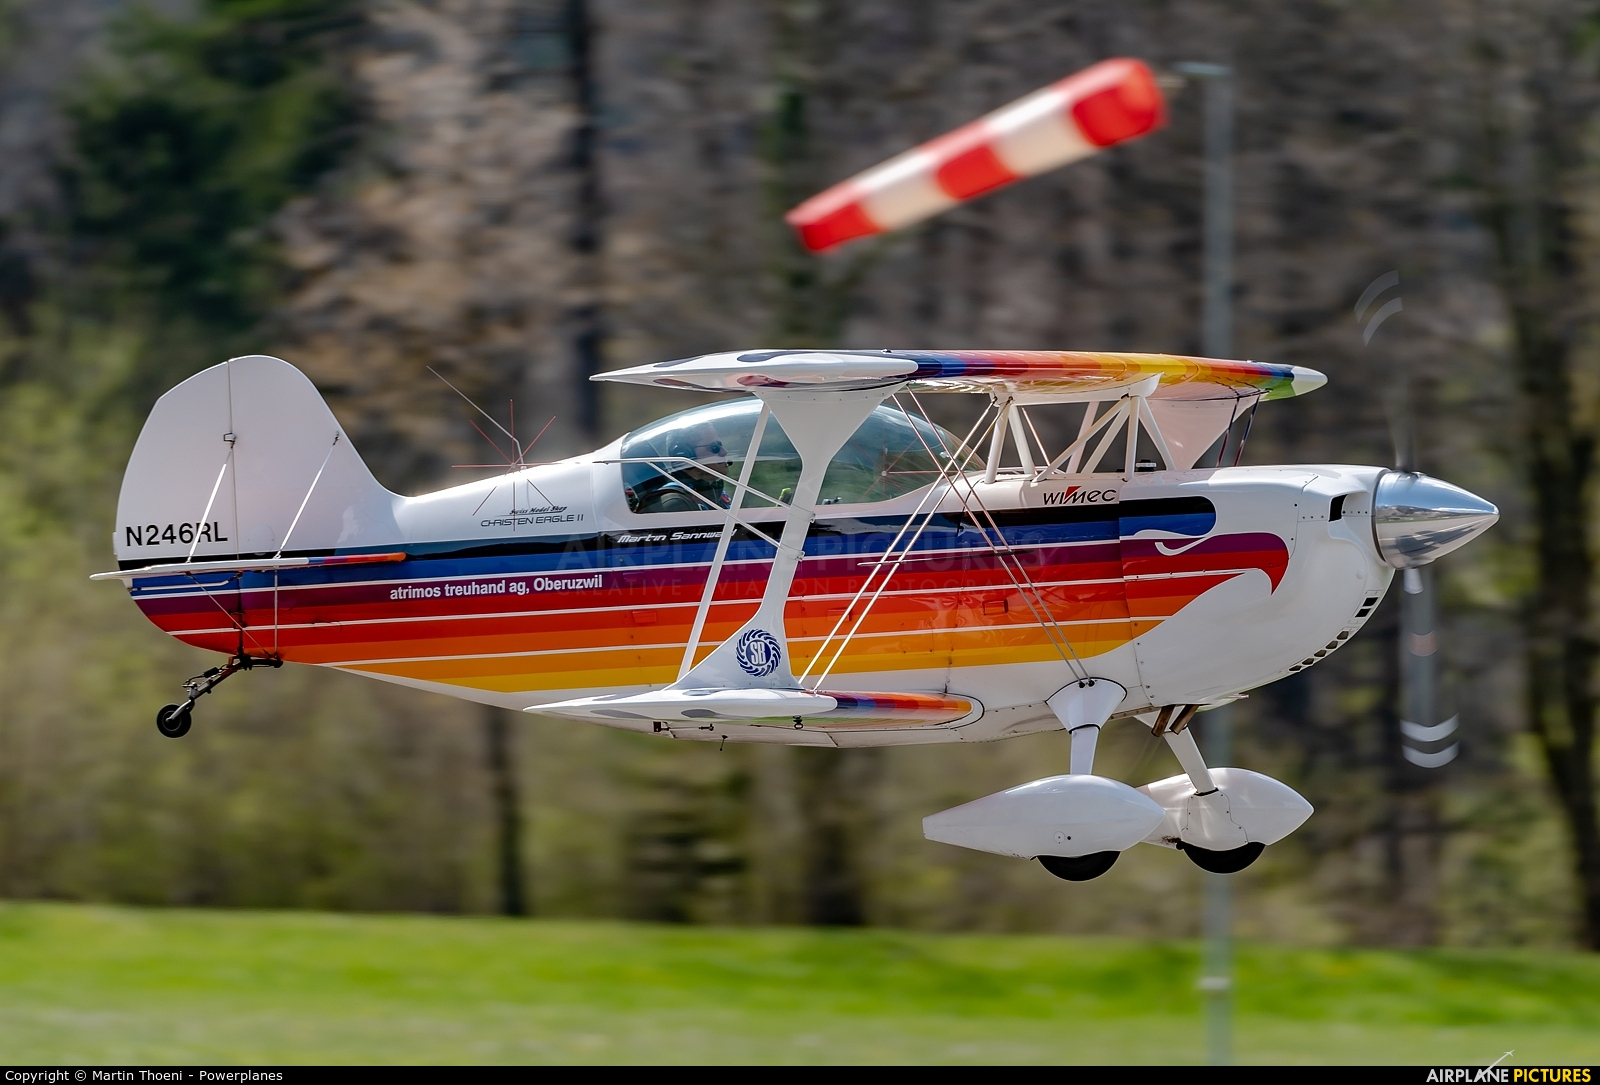 Private N246RL aircraft at Mollis